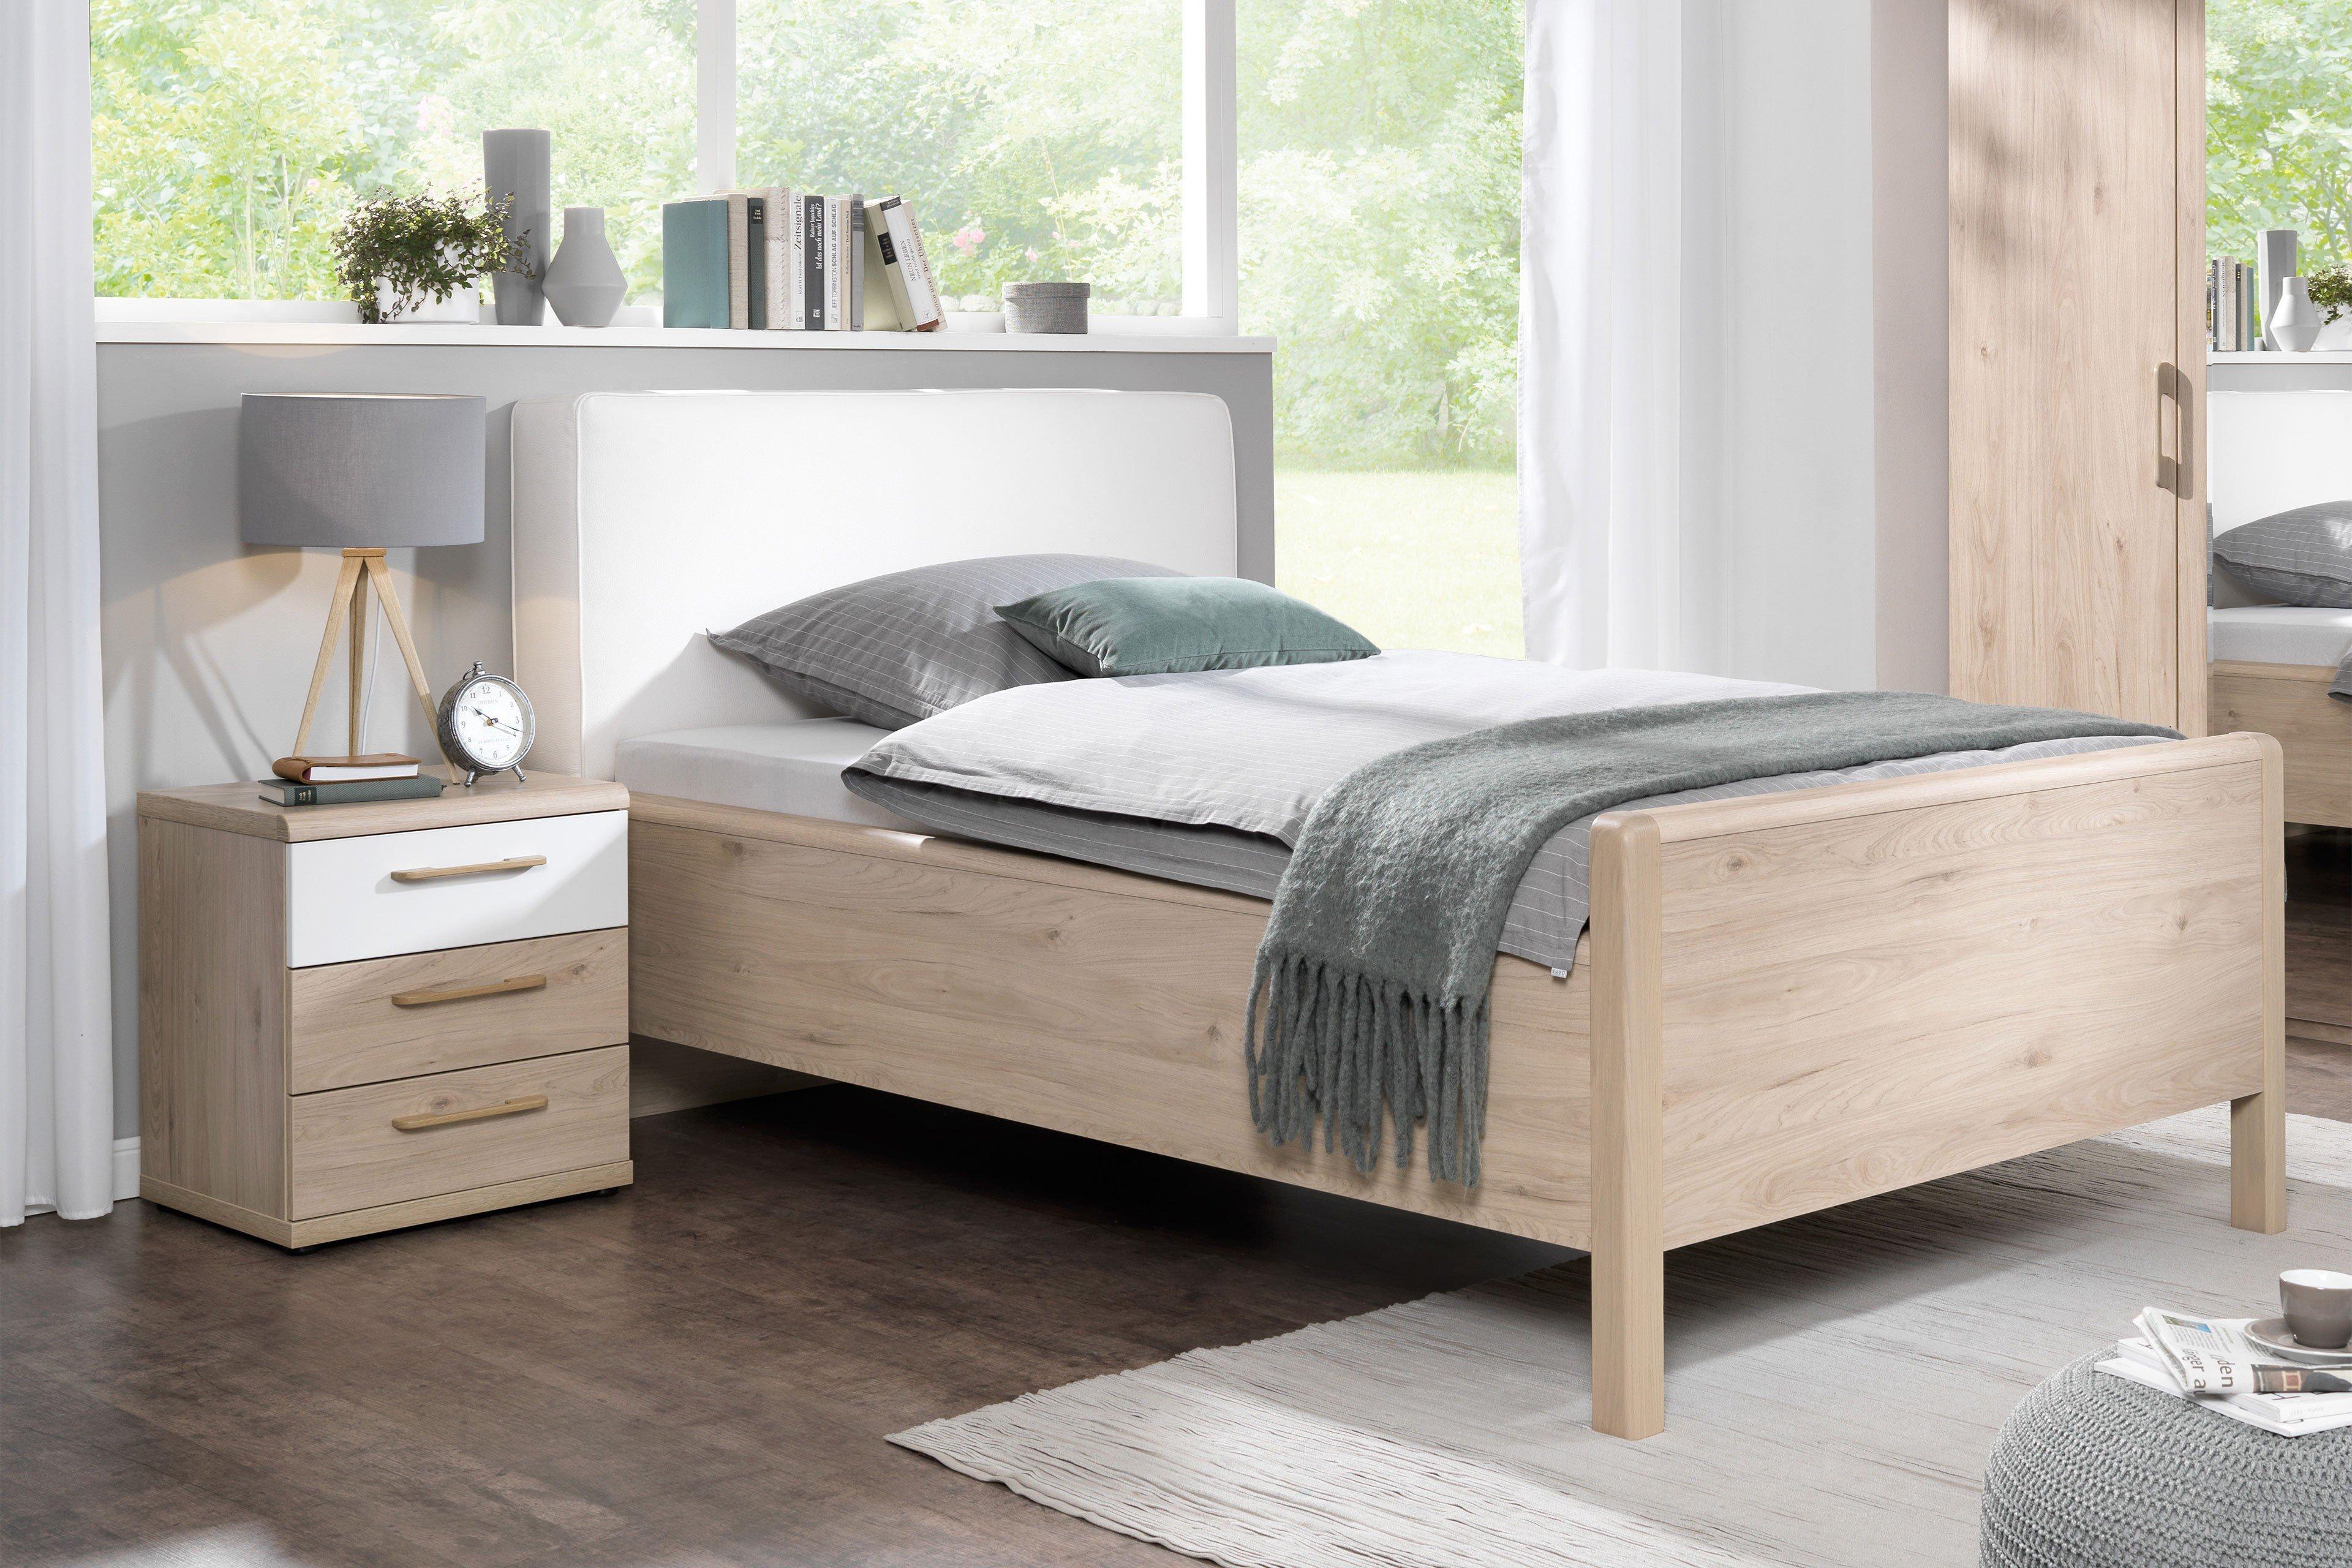 Welle Ageless Living Bett Mit Komforthöhe Möbel Letz Ihr Online Shop